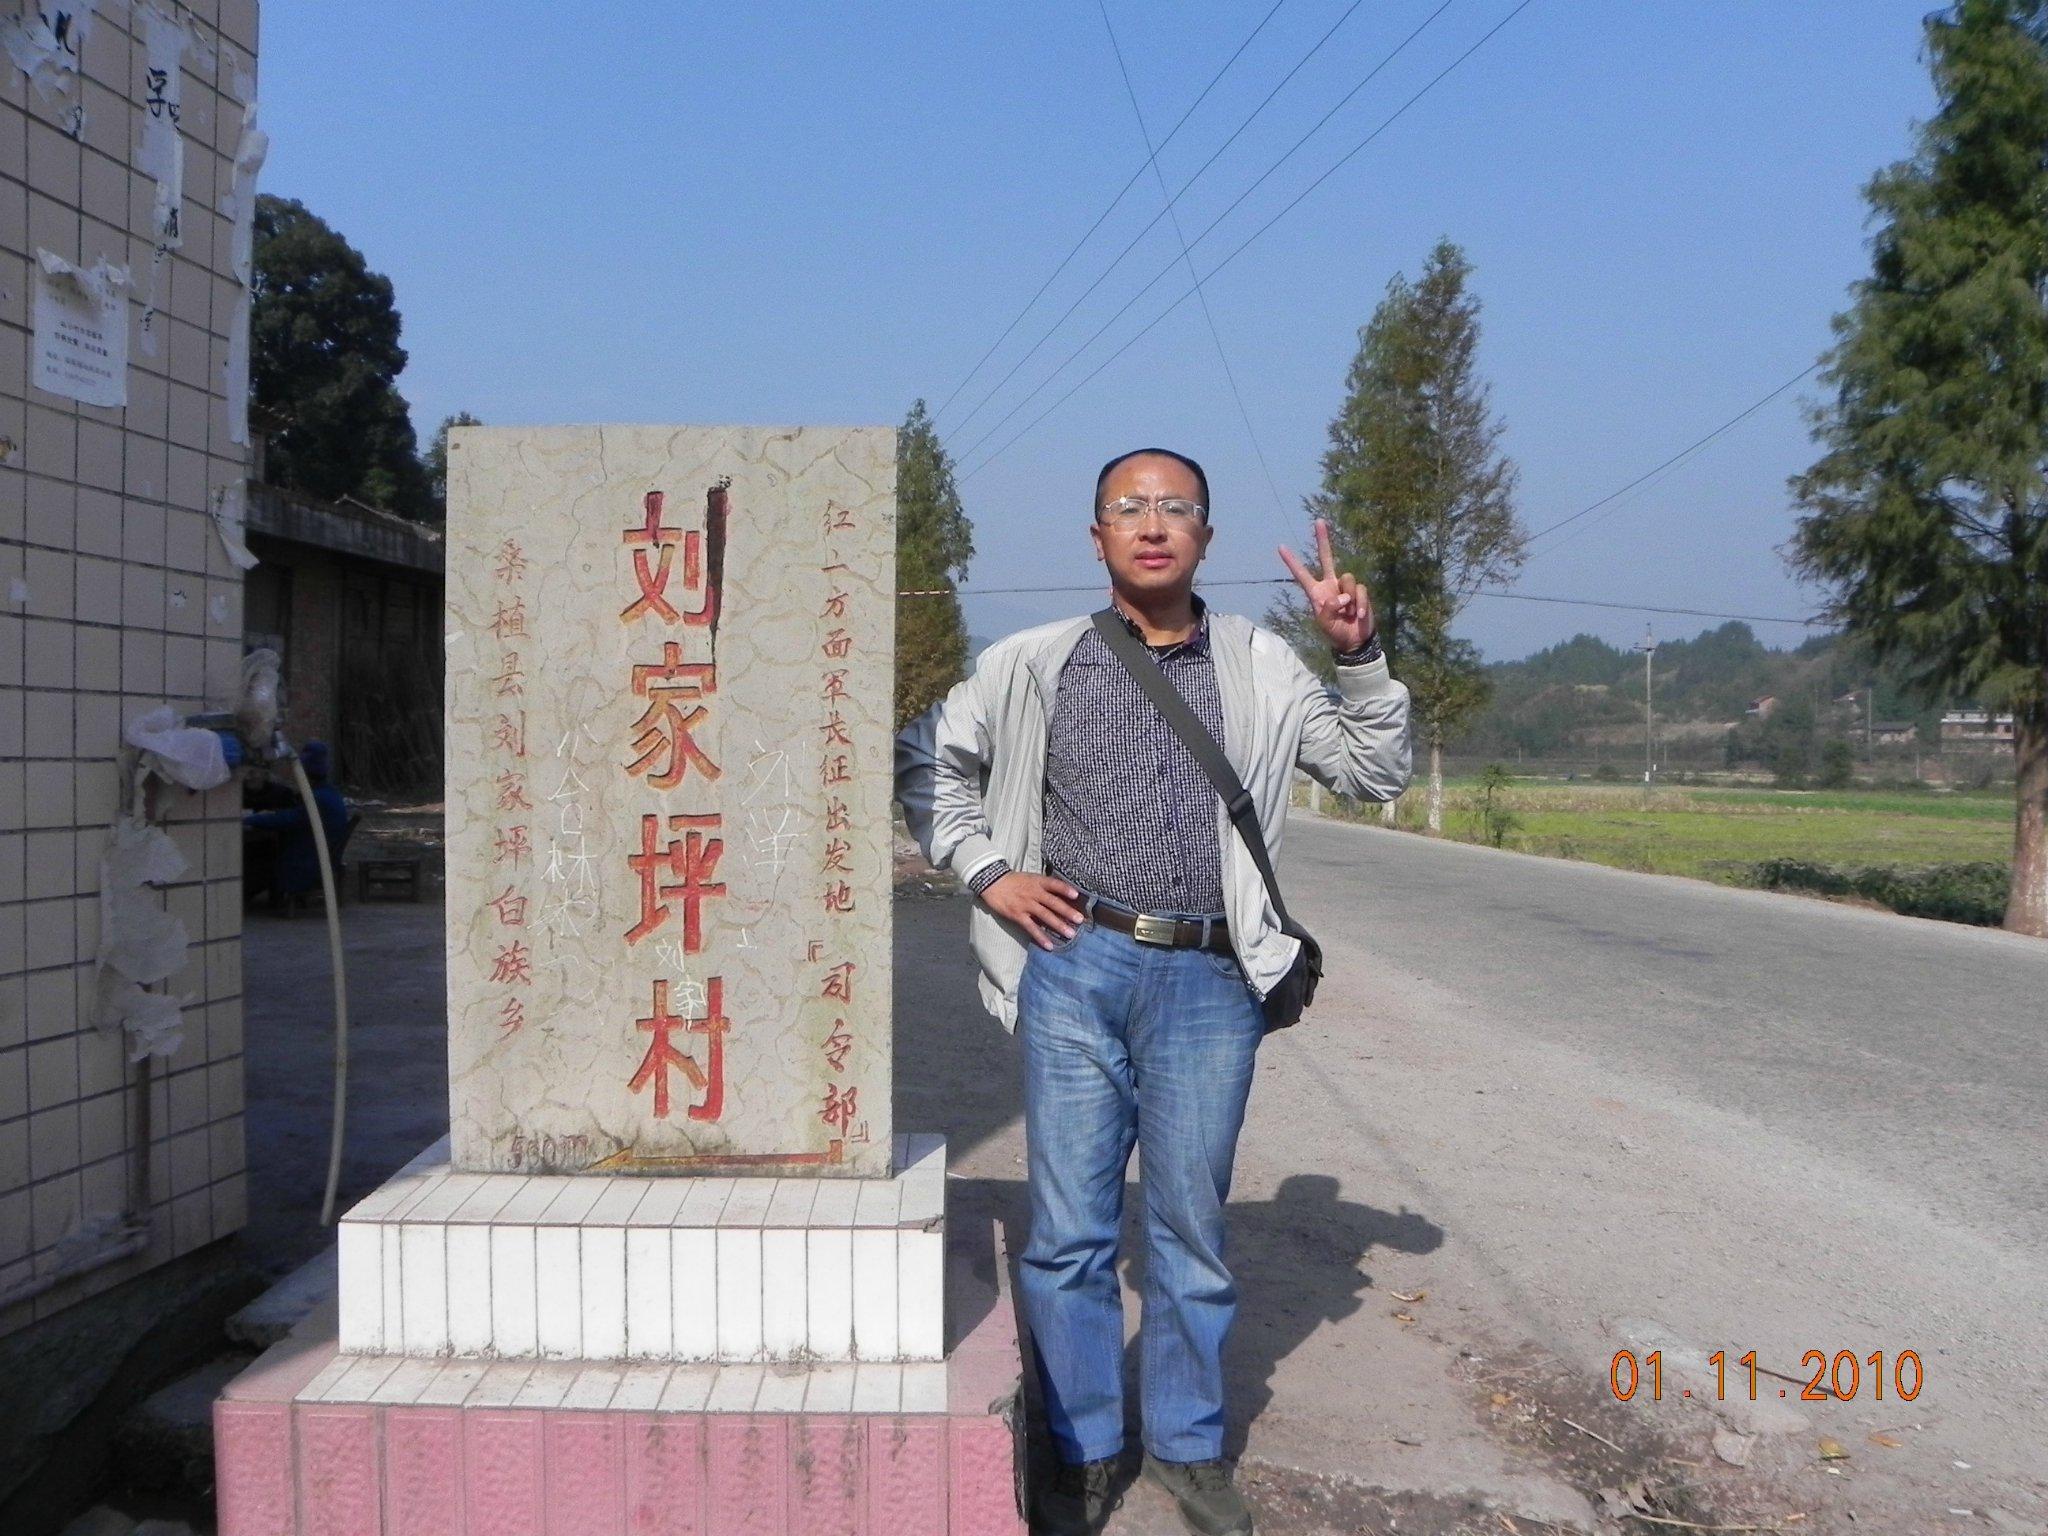 游历中国之湖南三--红二方面军长征出发地--桑植县刘家坪